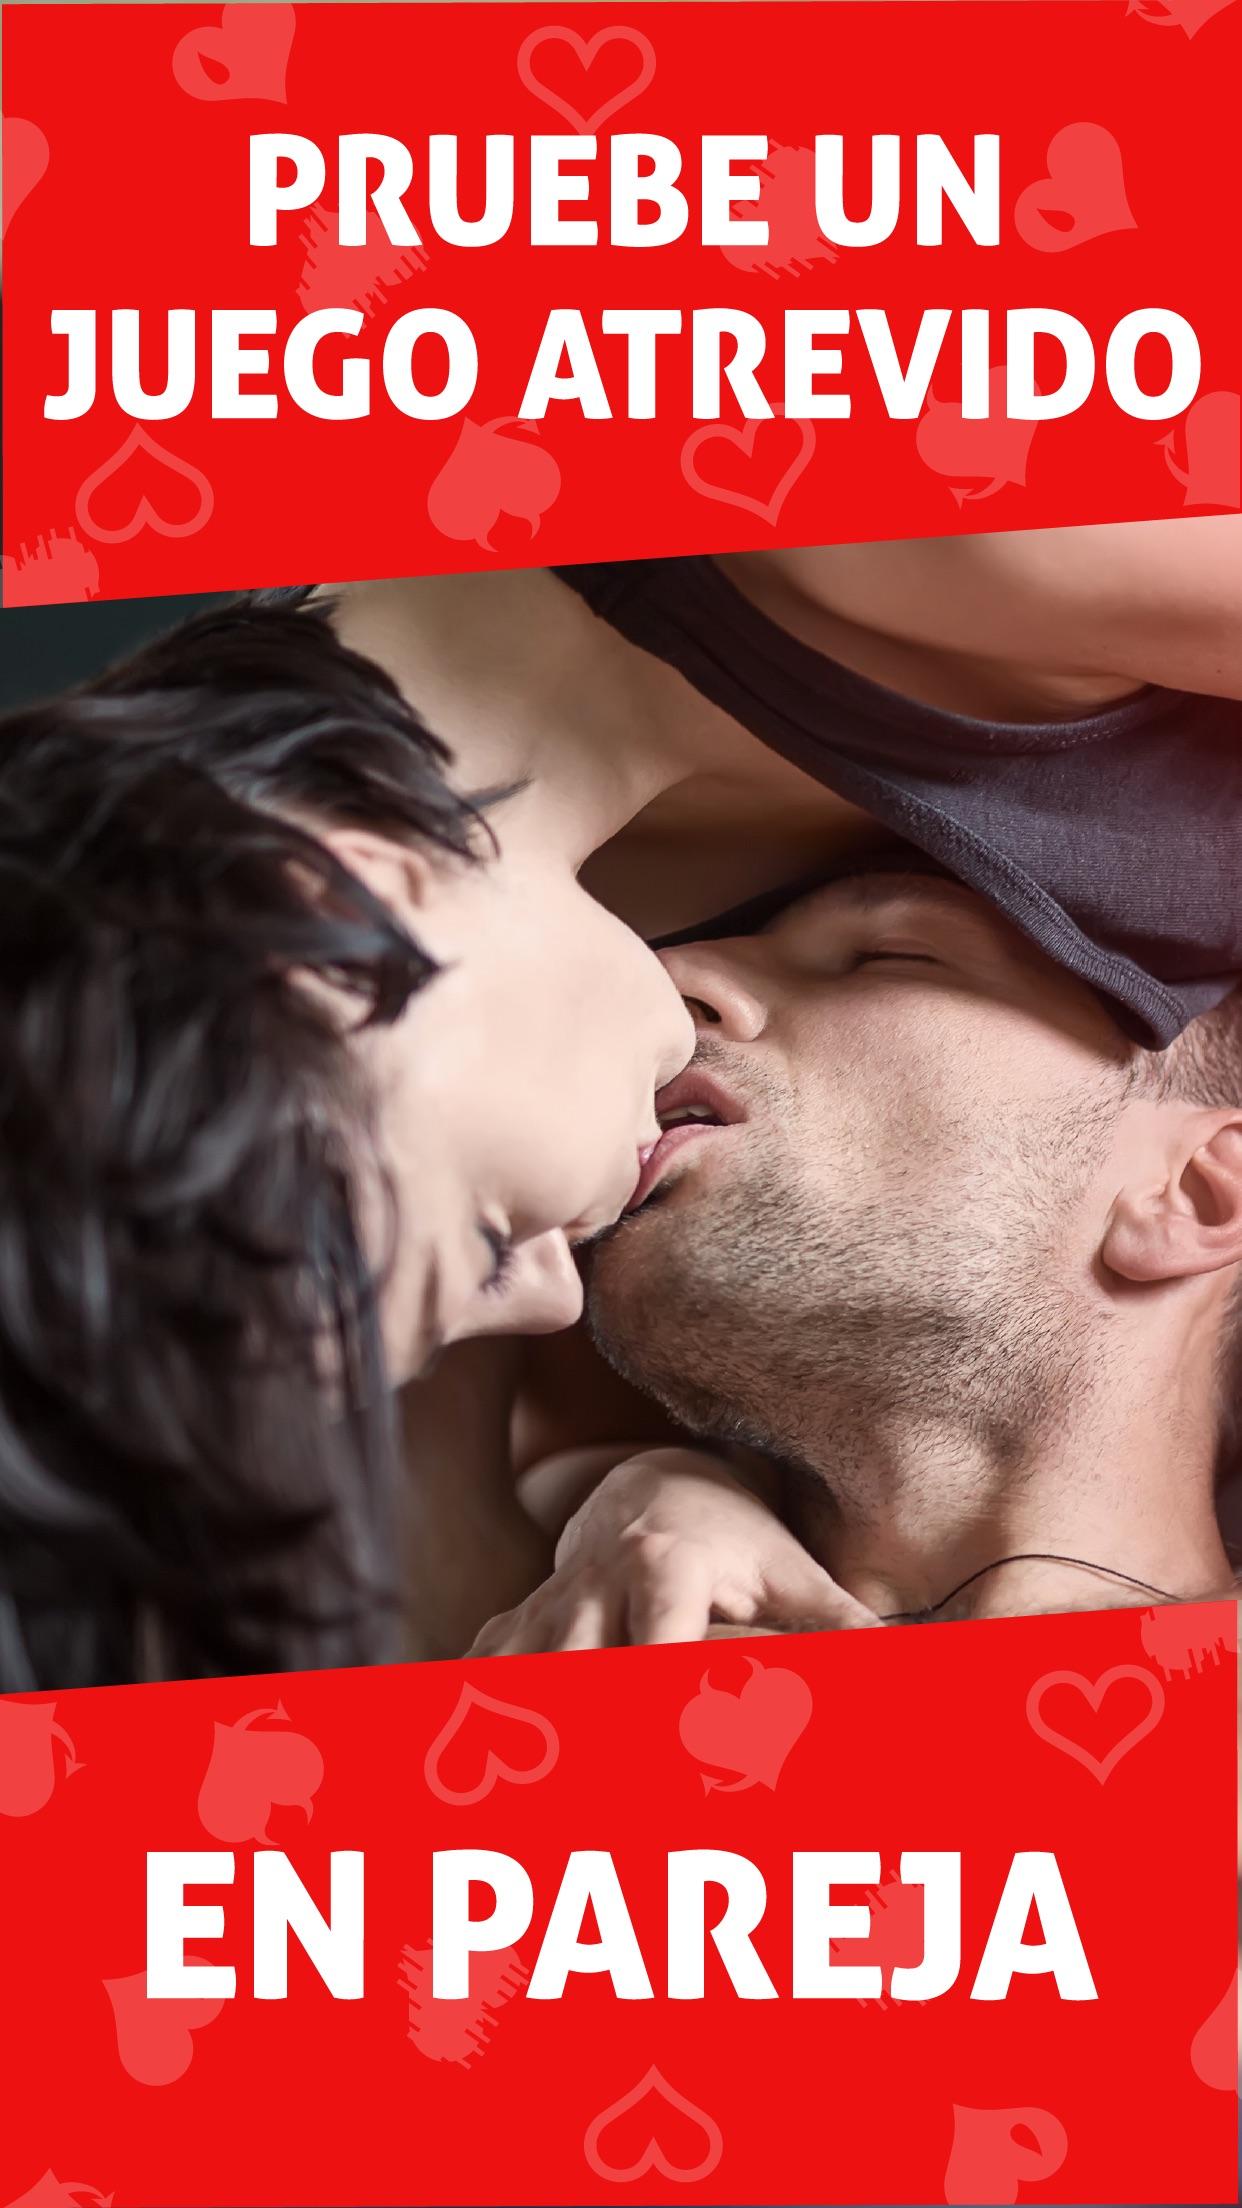 Juego de sexo para parejas Screenshot